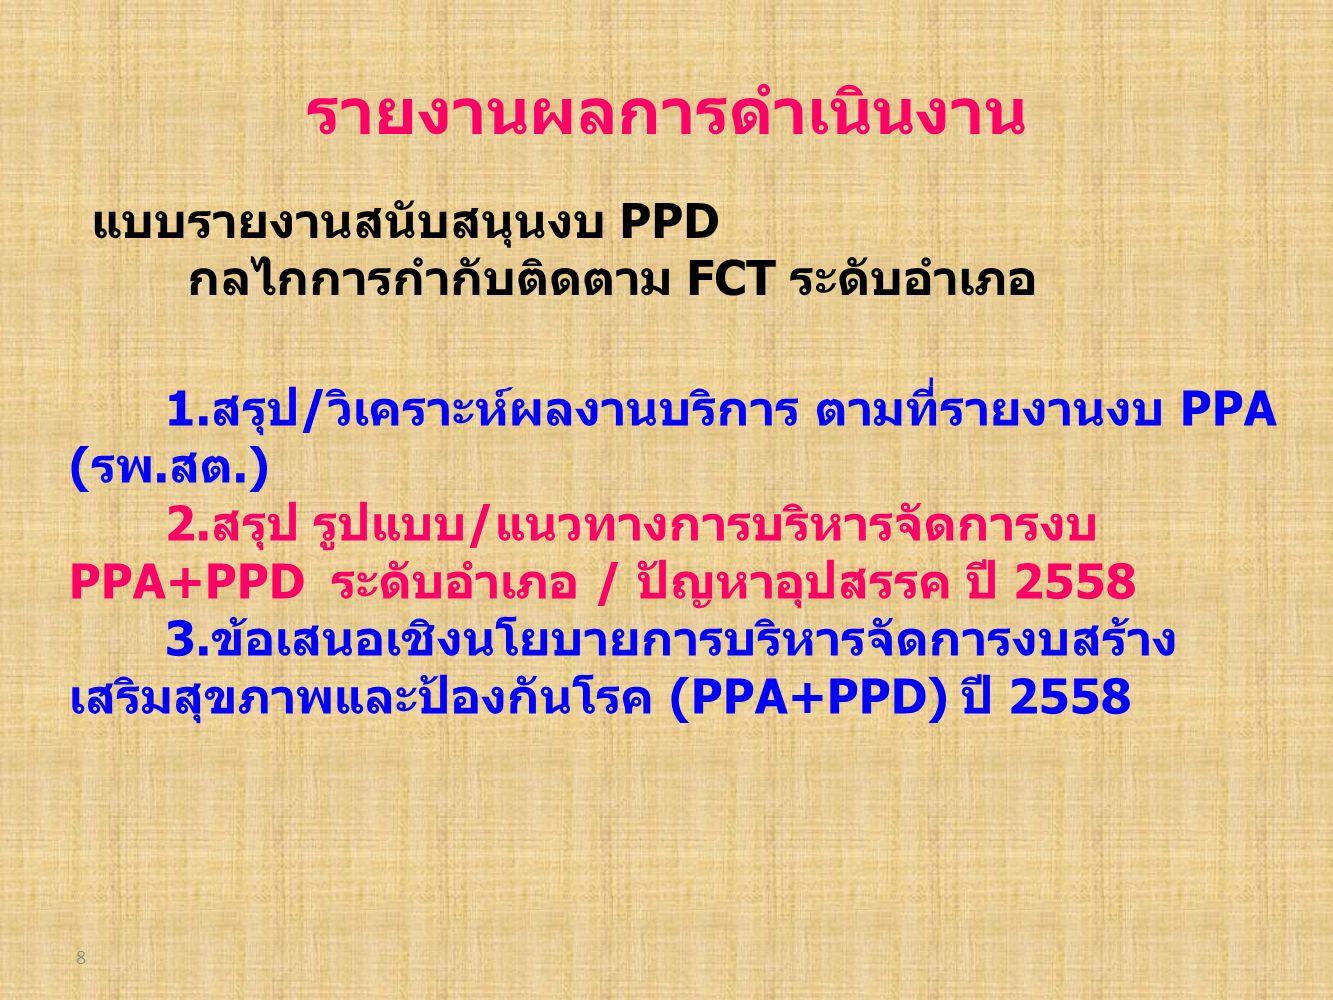 8 รายงานผลการดำเนินงาน แบบรายงานสนับสนุนงบ PPD กลไกการกำกับติดตาม FCT ระดับอำเภอ 1.สรุป/วิเคราะห์ผลงานบริการ ตามที่รายงานงบ PPA (รพ.สต.) 2.สรุป รูปแบบ/แนวทางการบริหารจัดการงบ PPA+PPD ระดับอำเภอ / ปัญหาอุปสรรค ปี 2558 3.ข้อเสนอเชิงนโยบายการบริหารจัดการงบสร้าง เสริมสุขภาพและป้องกันโรค (PPA+PPD) ปี 2558